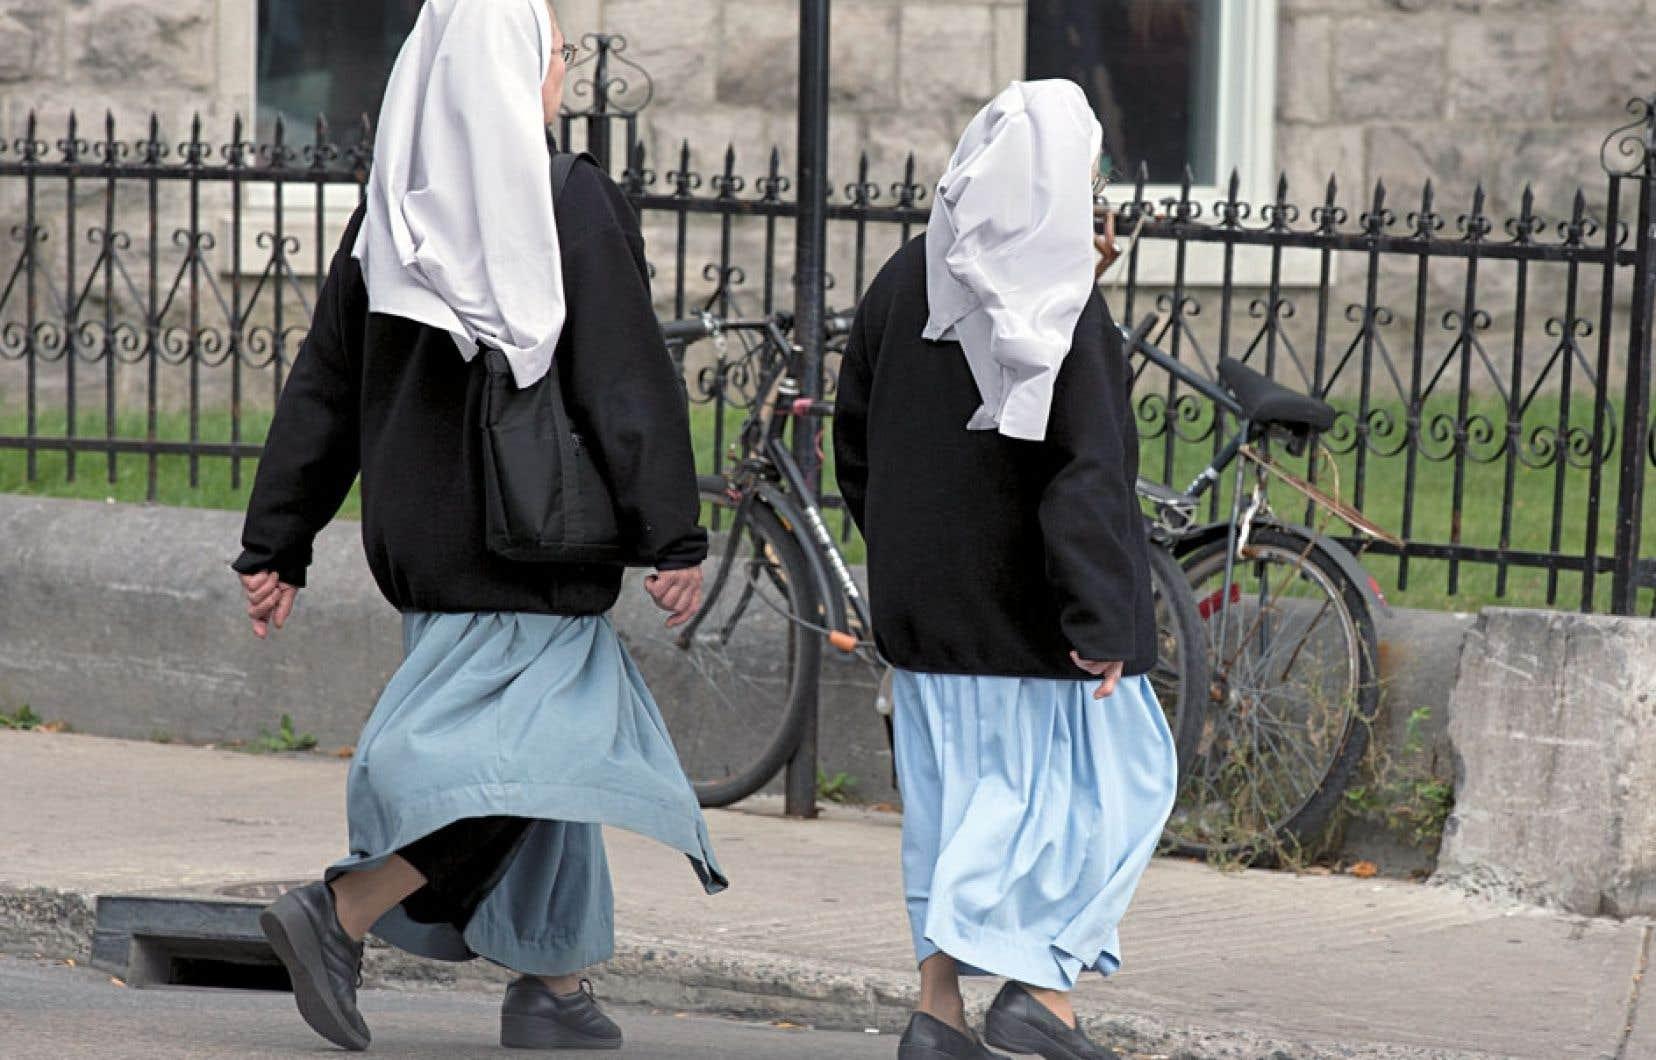 Le projet québécois n'interdit aucun signe religieux dans l'espace public en général.